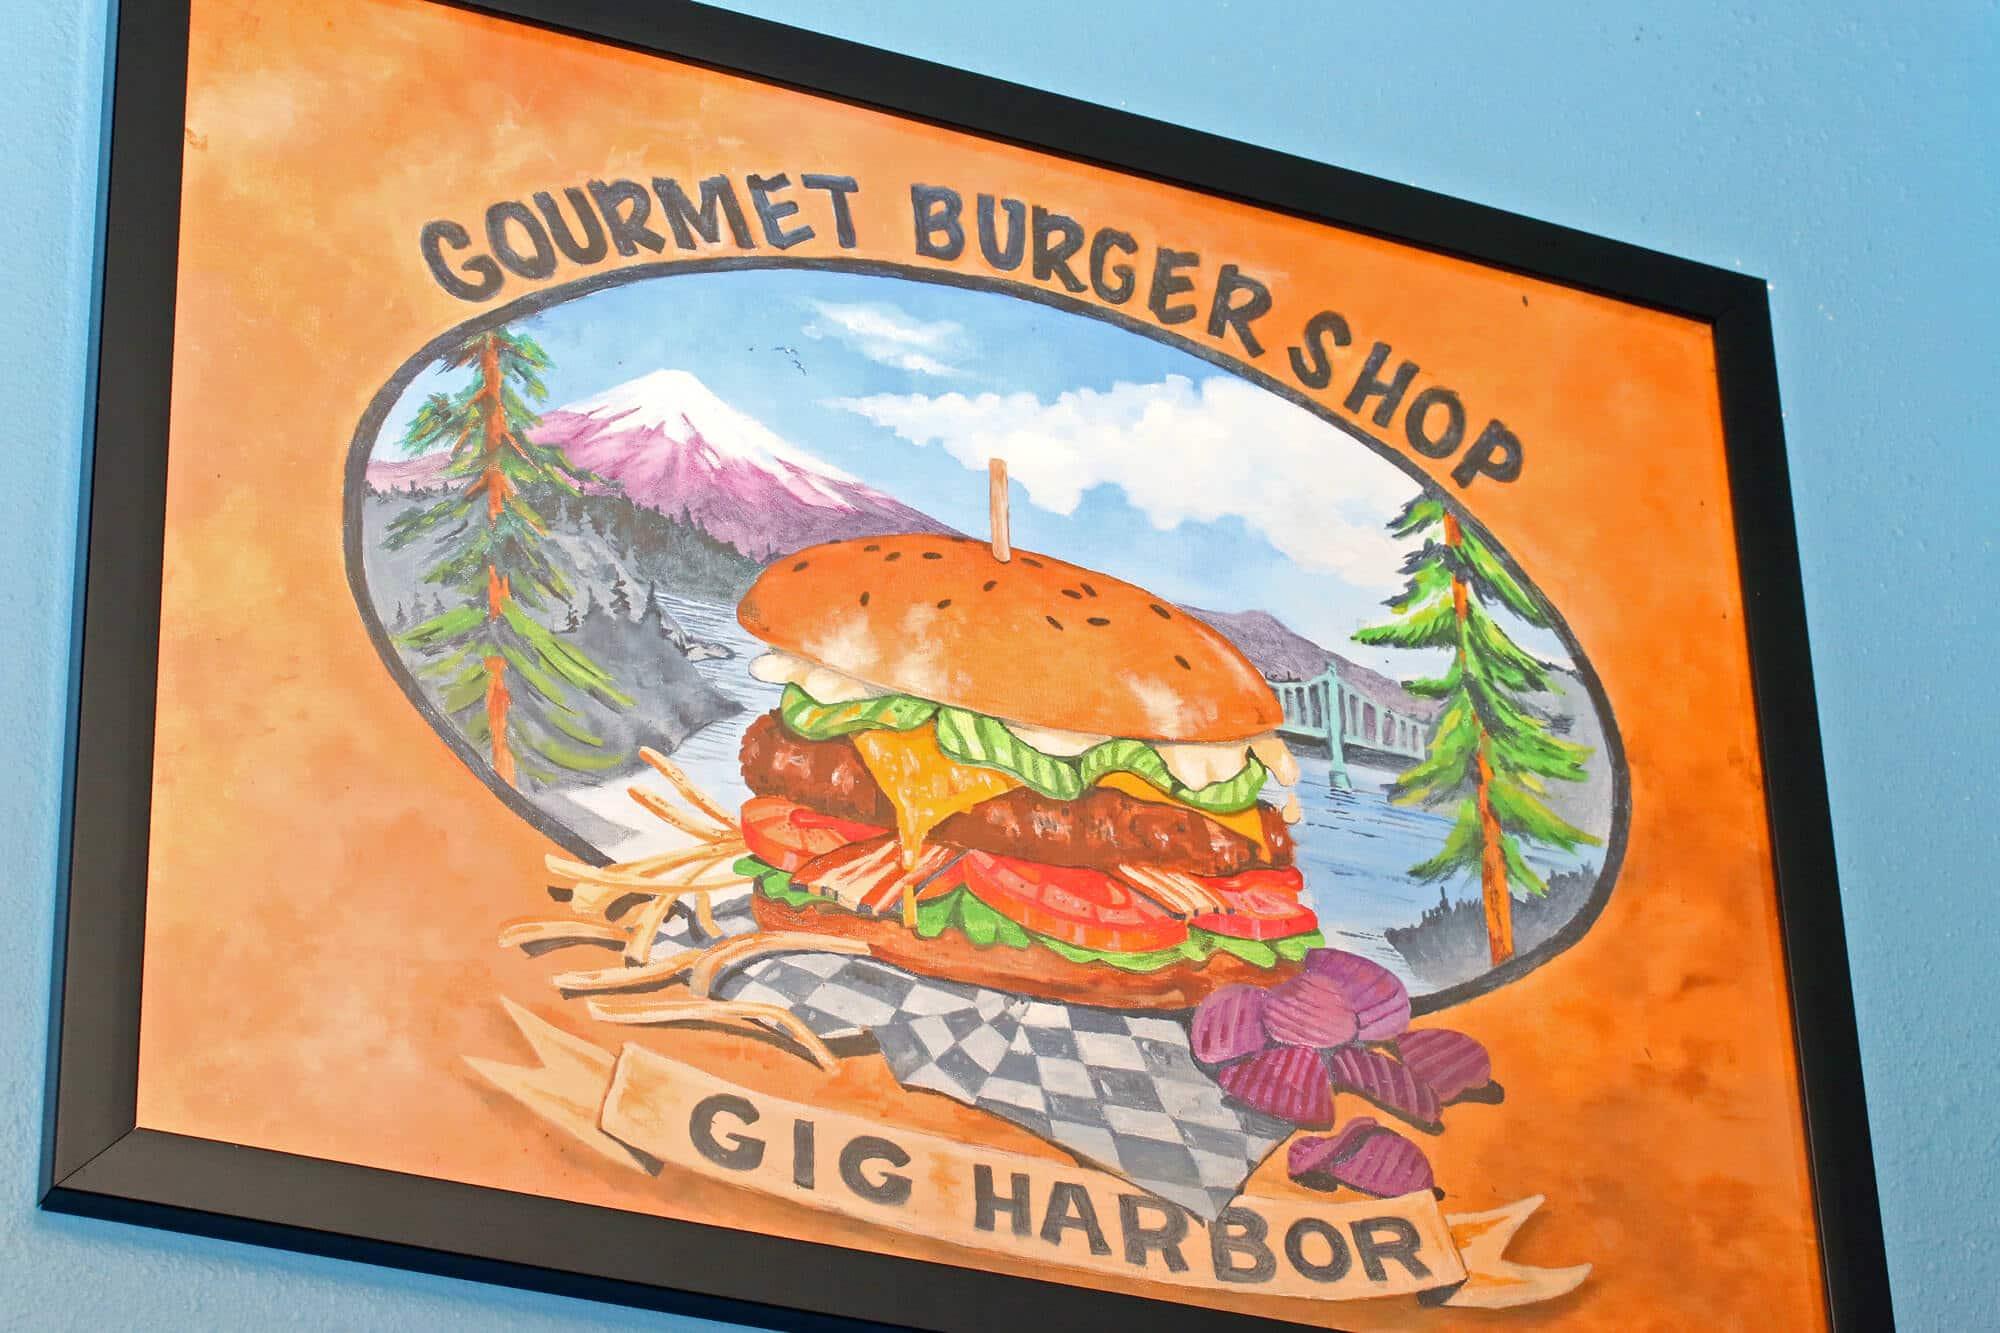 Burger-Shop-9